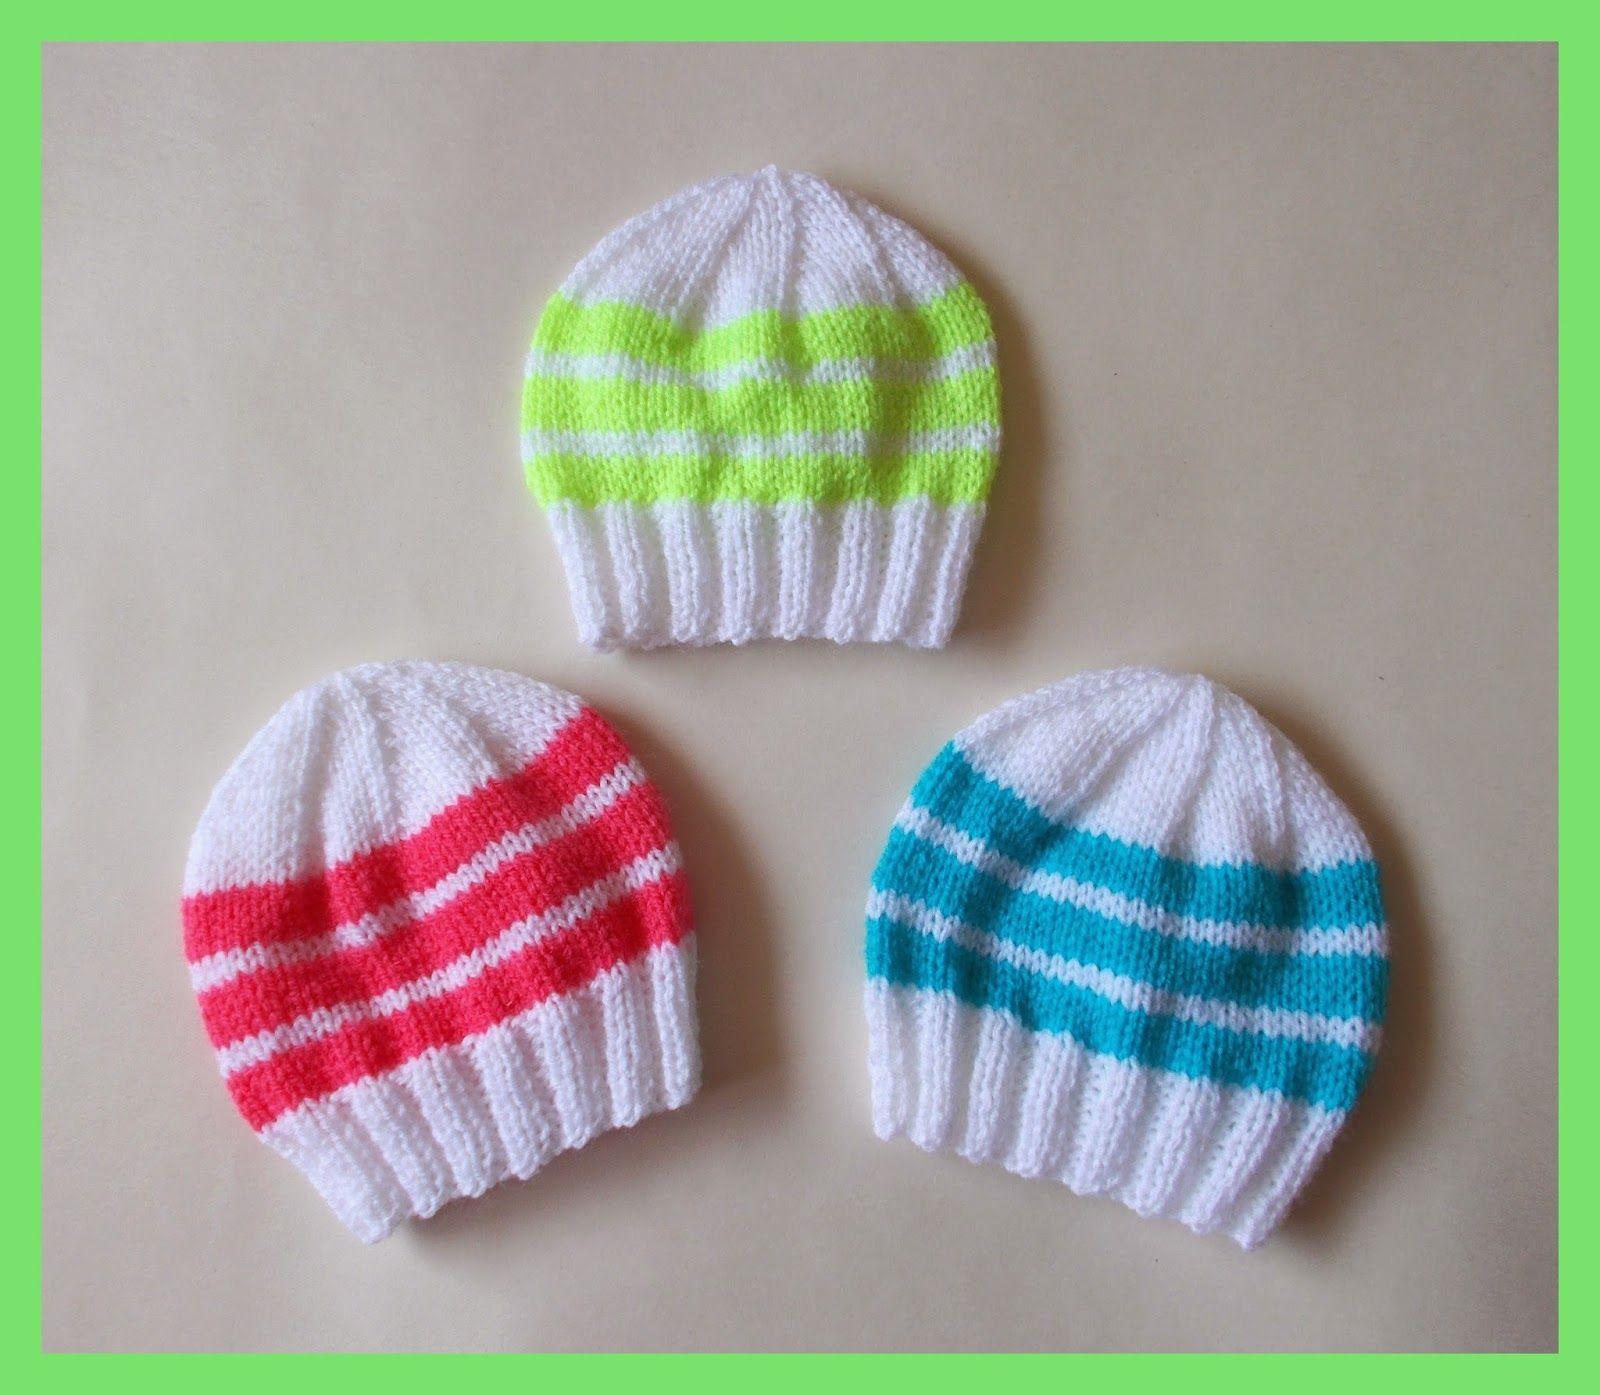 marianna\'s lazy daisy days: Bright Stripes Newborn Baby Hats ...